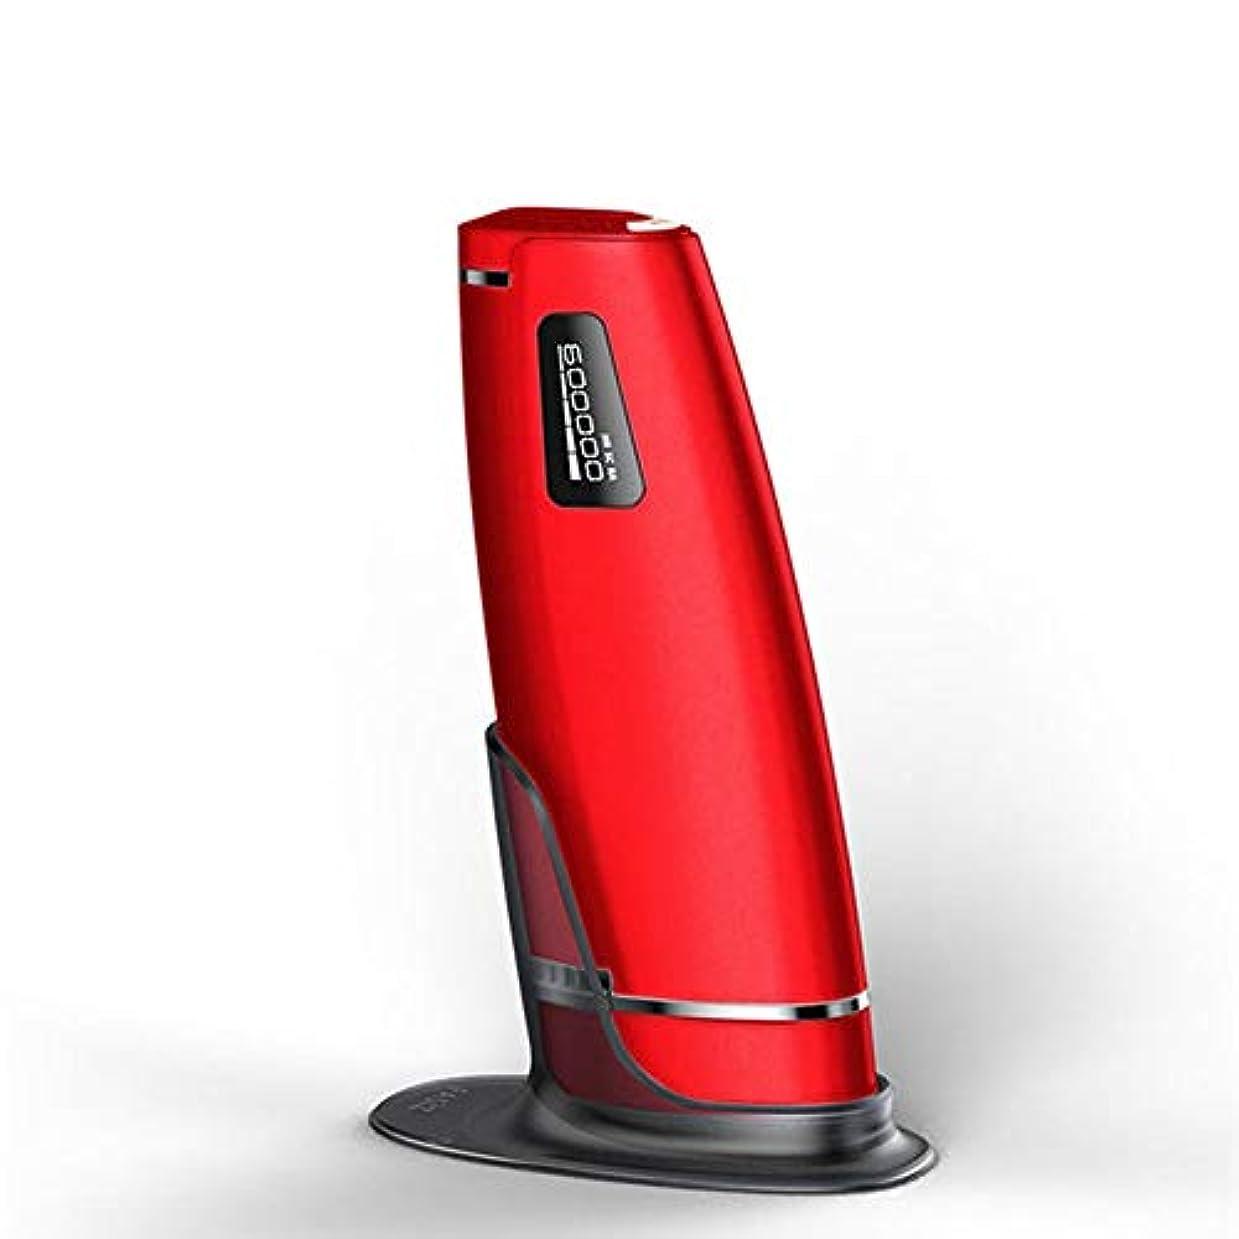 状況スクラップコロニアルXihouxian 赤、デュアルモード、ホームオートマチック無痛脱毛剤、携帯用永久脱毛剤、5スピード調整、サイズ20.5 X 4.5 X 7 Cm D40 (Color : Red)